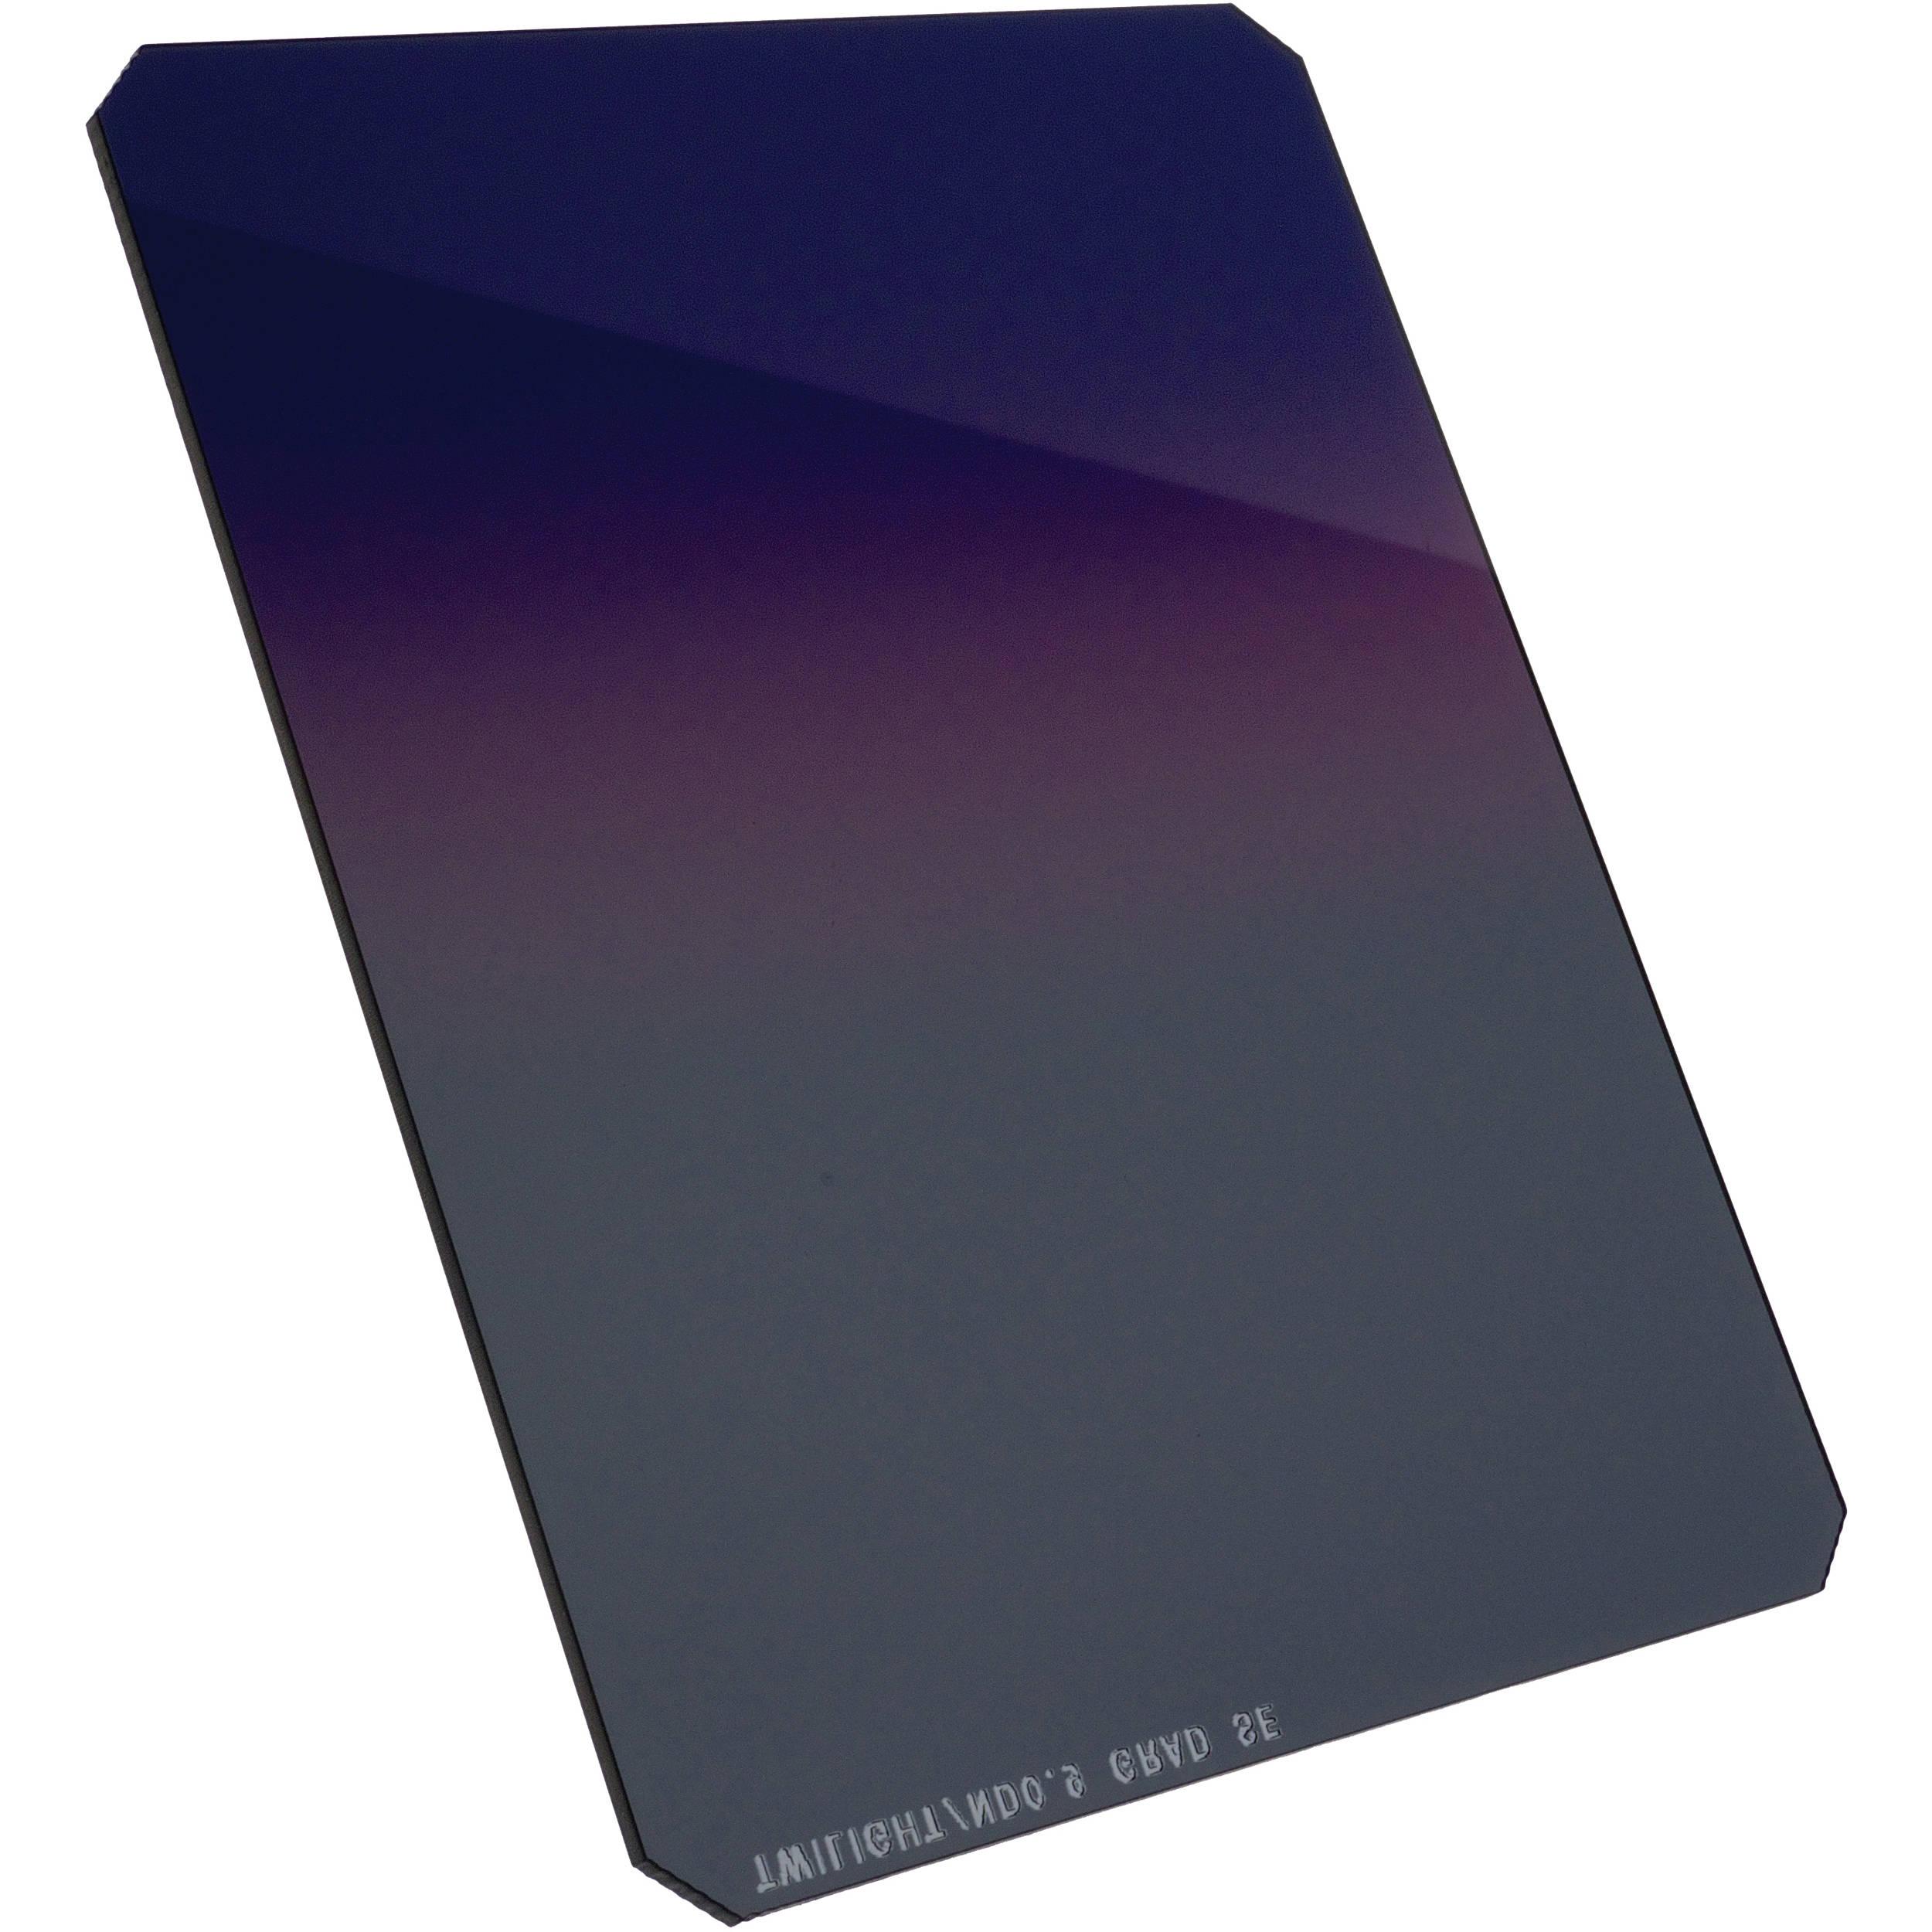 Https C Product 163405 Reg Subwoofer Purple Storm Ps 12 Hitech Ht1571 4x5 Combination Graduated Twilight 100486